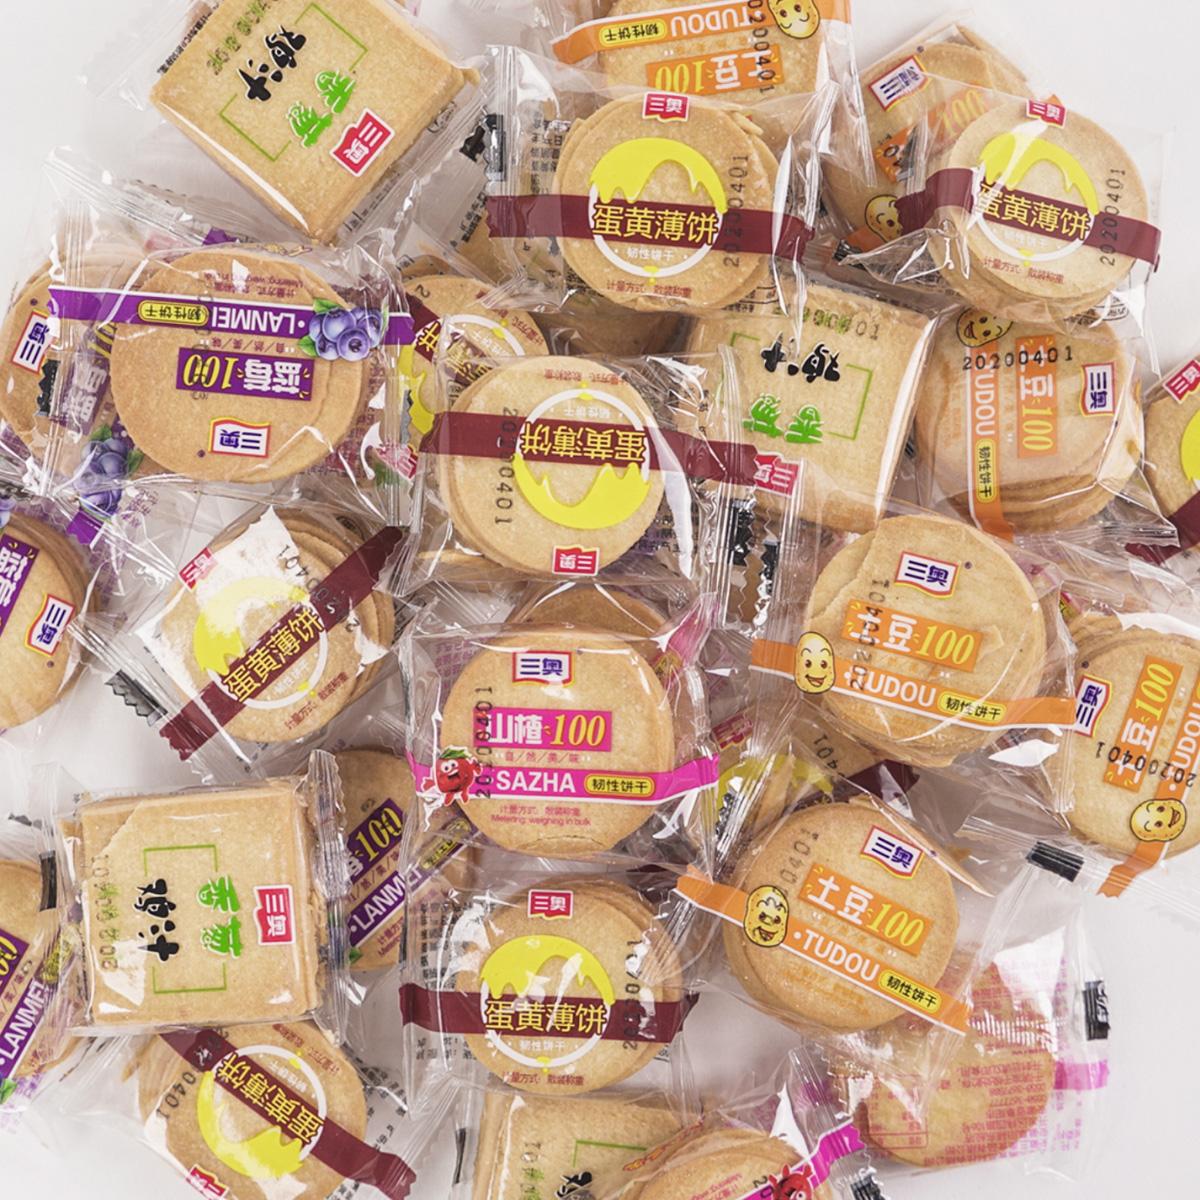 三奥香葱葱油代餐薄脆饼干多口味酥脆散装整箱早餐小吃休闲零食图片